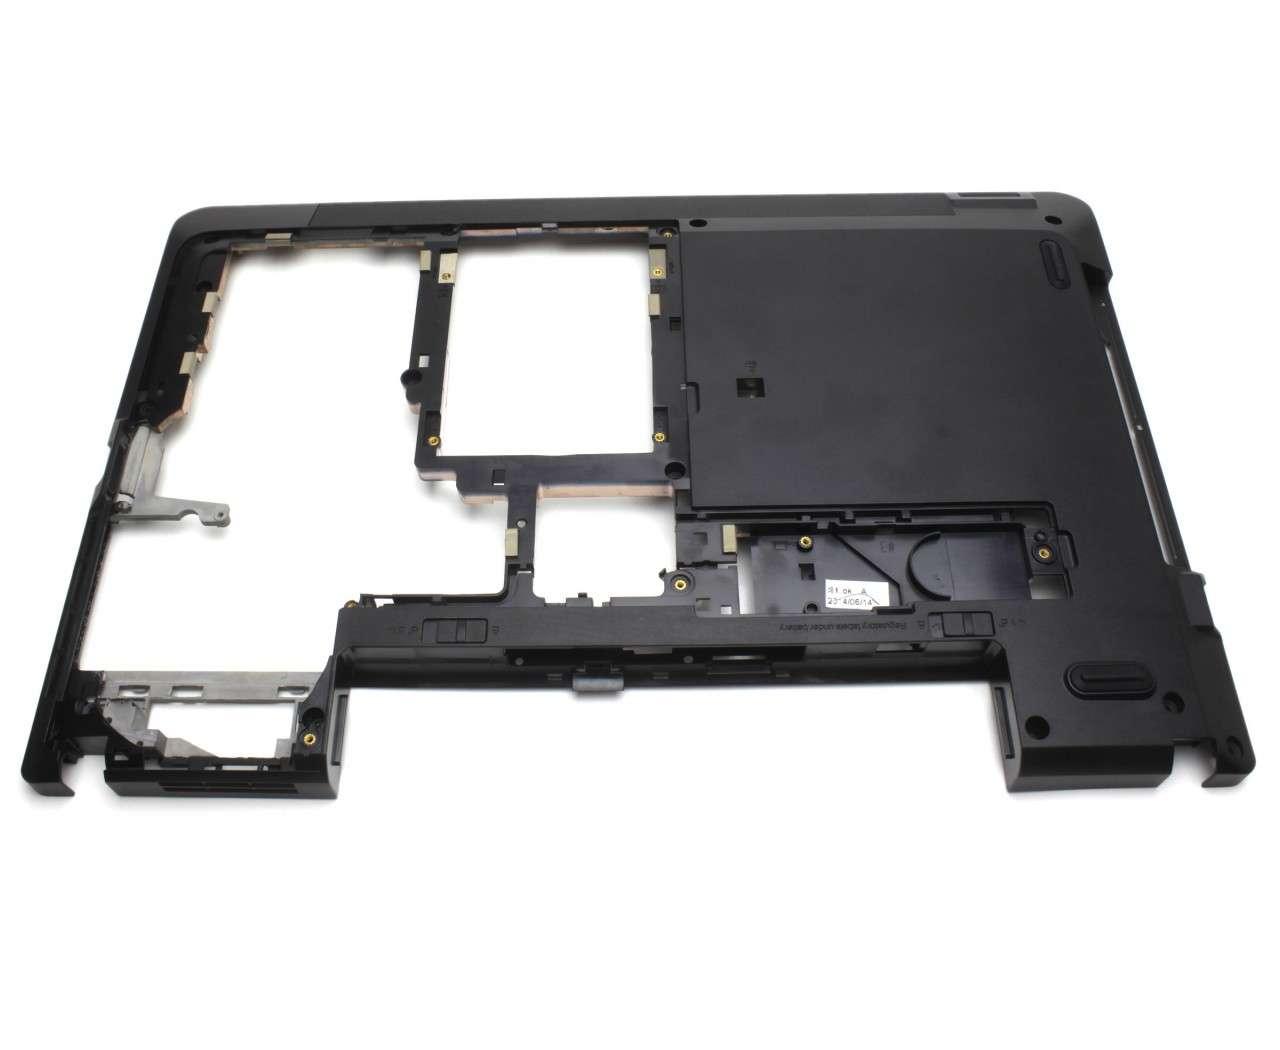 Bottom Case Lenovo ThinkPad E531 Carcasa Inferioara Neagra imagine powerlaptop.ro 2021